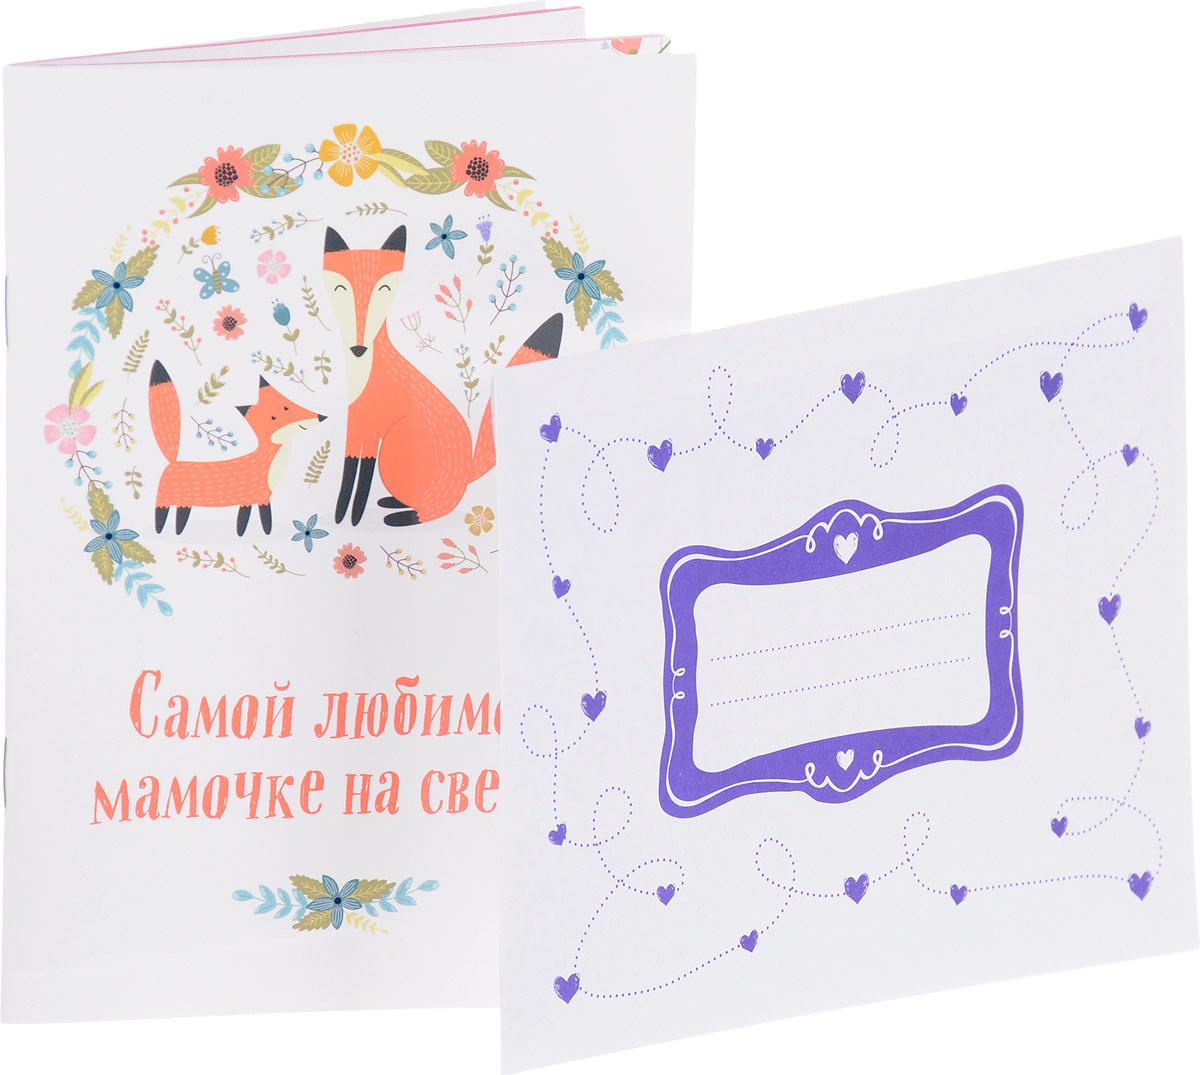 Н. Матушевская Самой любимой мамочке на свете!